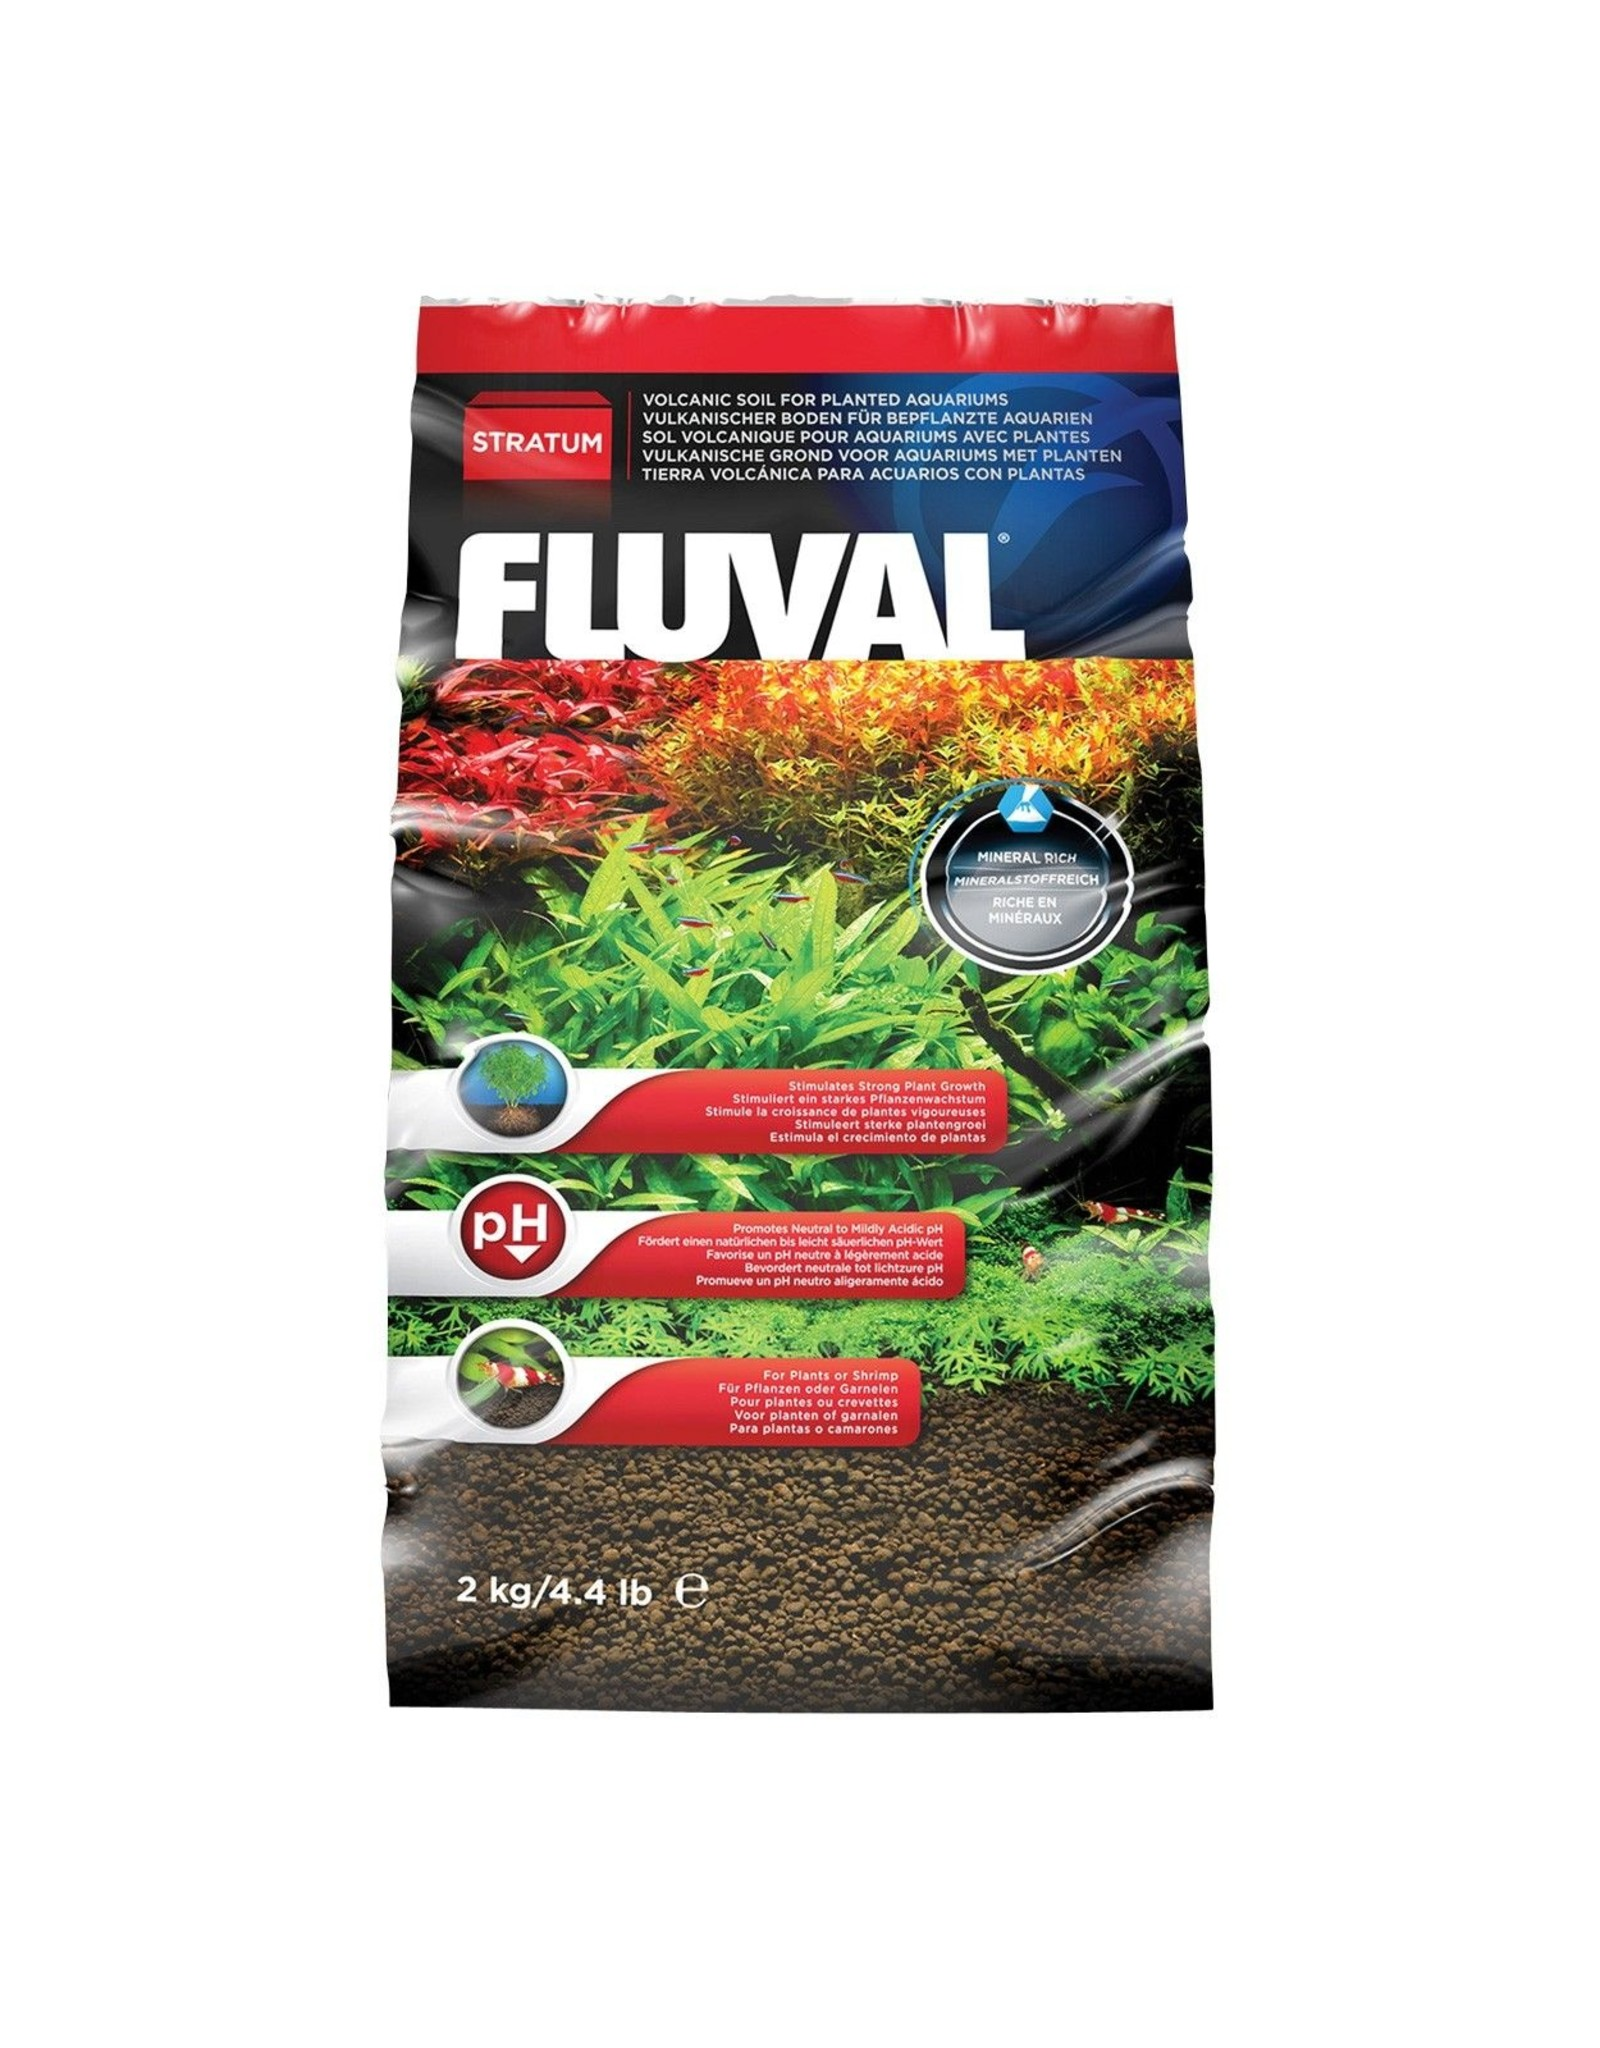 FL - Fluval FLUVAL PLANT & SHRIMP STRATUM 2KG